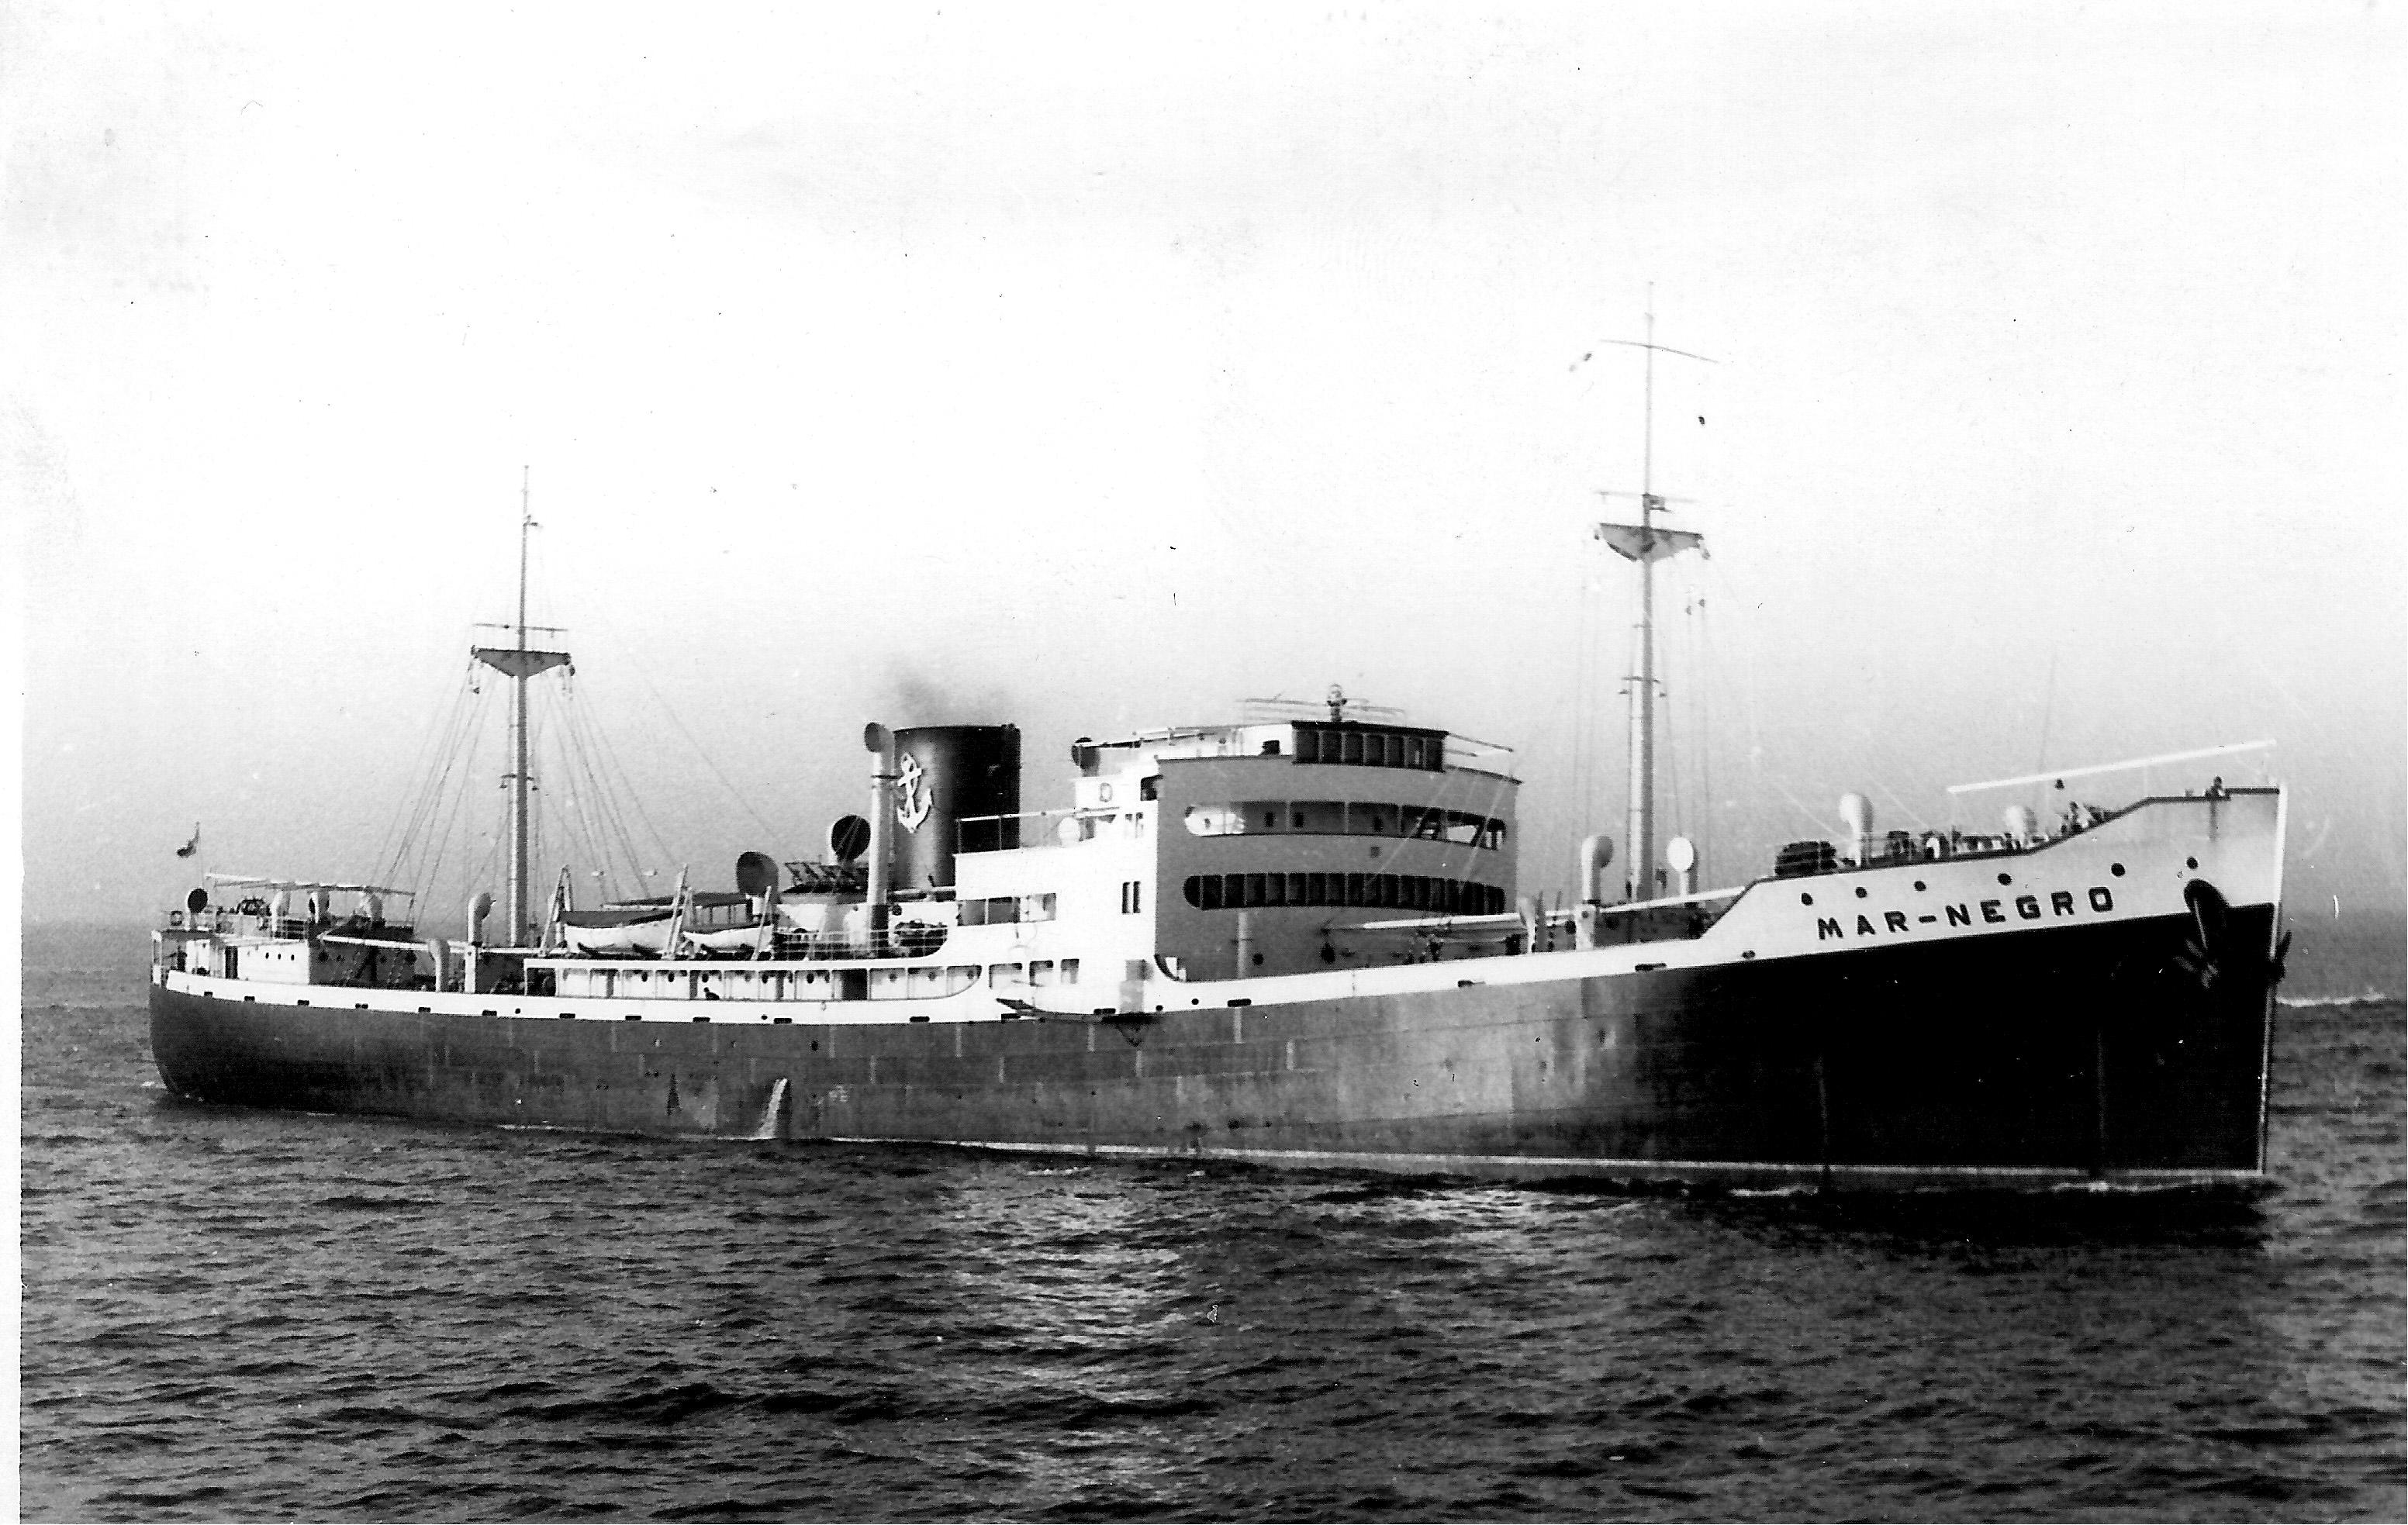 Marina Espa/ñola Tercera Tarifa de Renombre Mar Negro